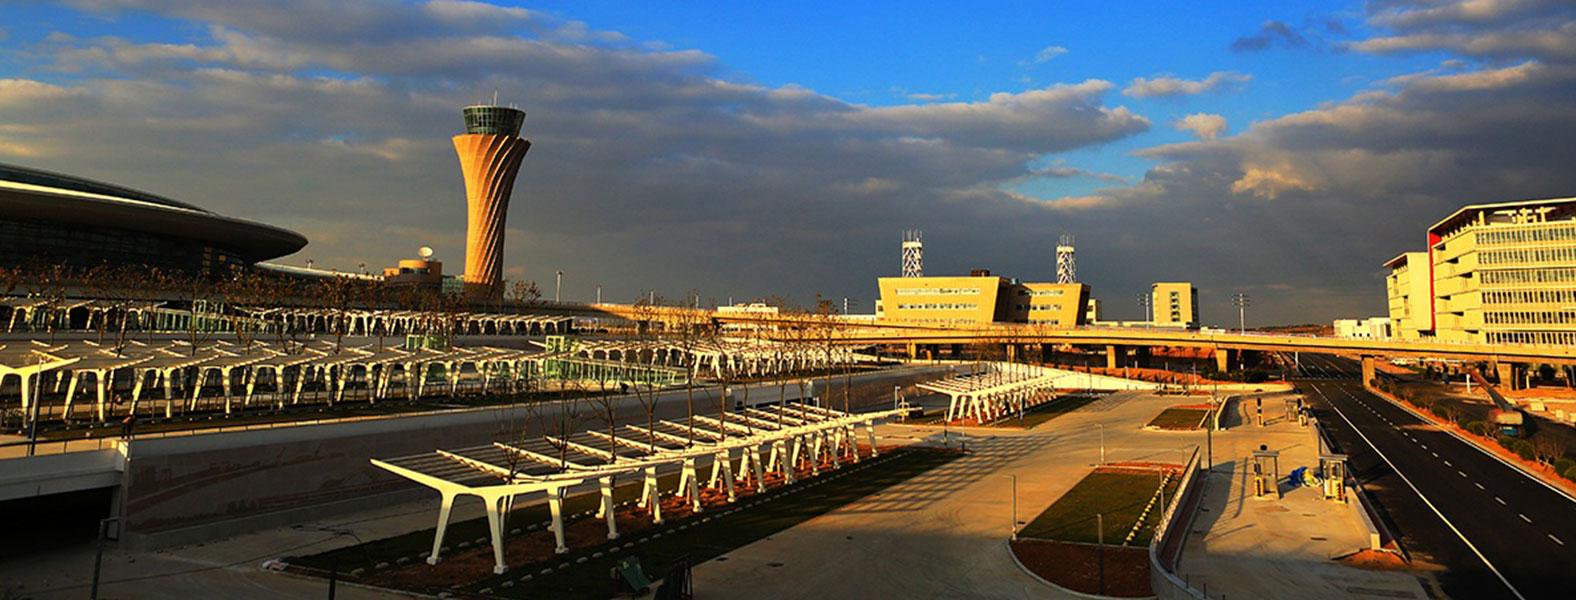 山东省烟台机场